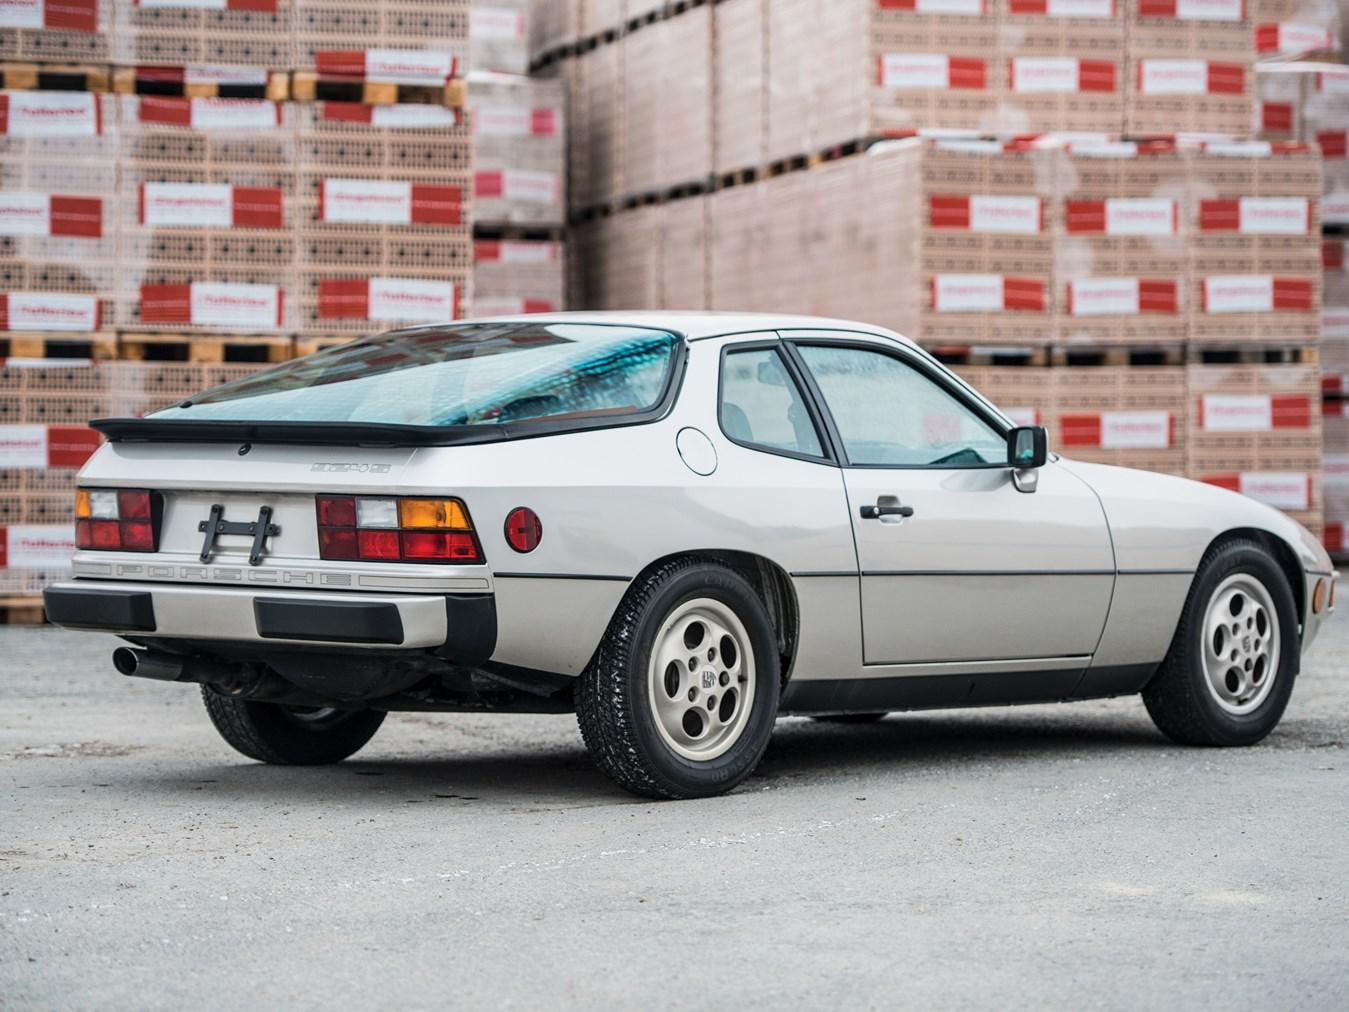 1987 Porsche 924 S rear 3/4